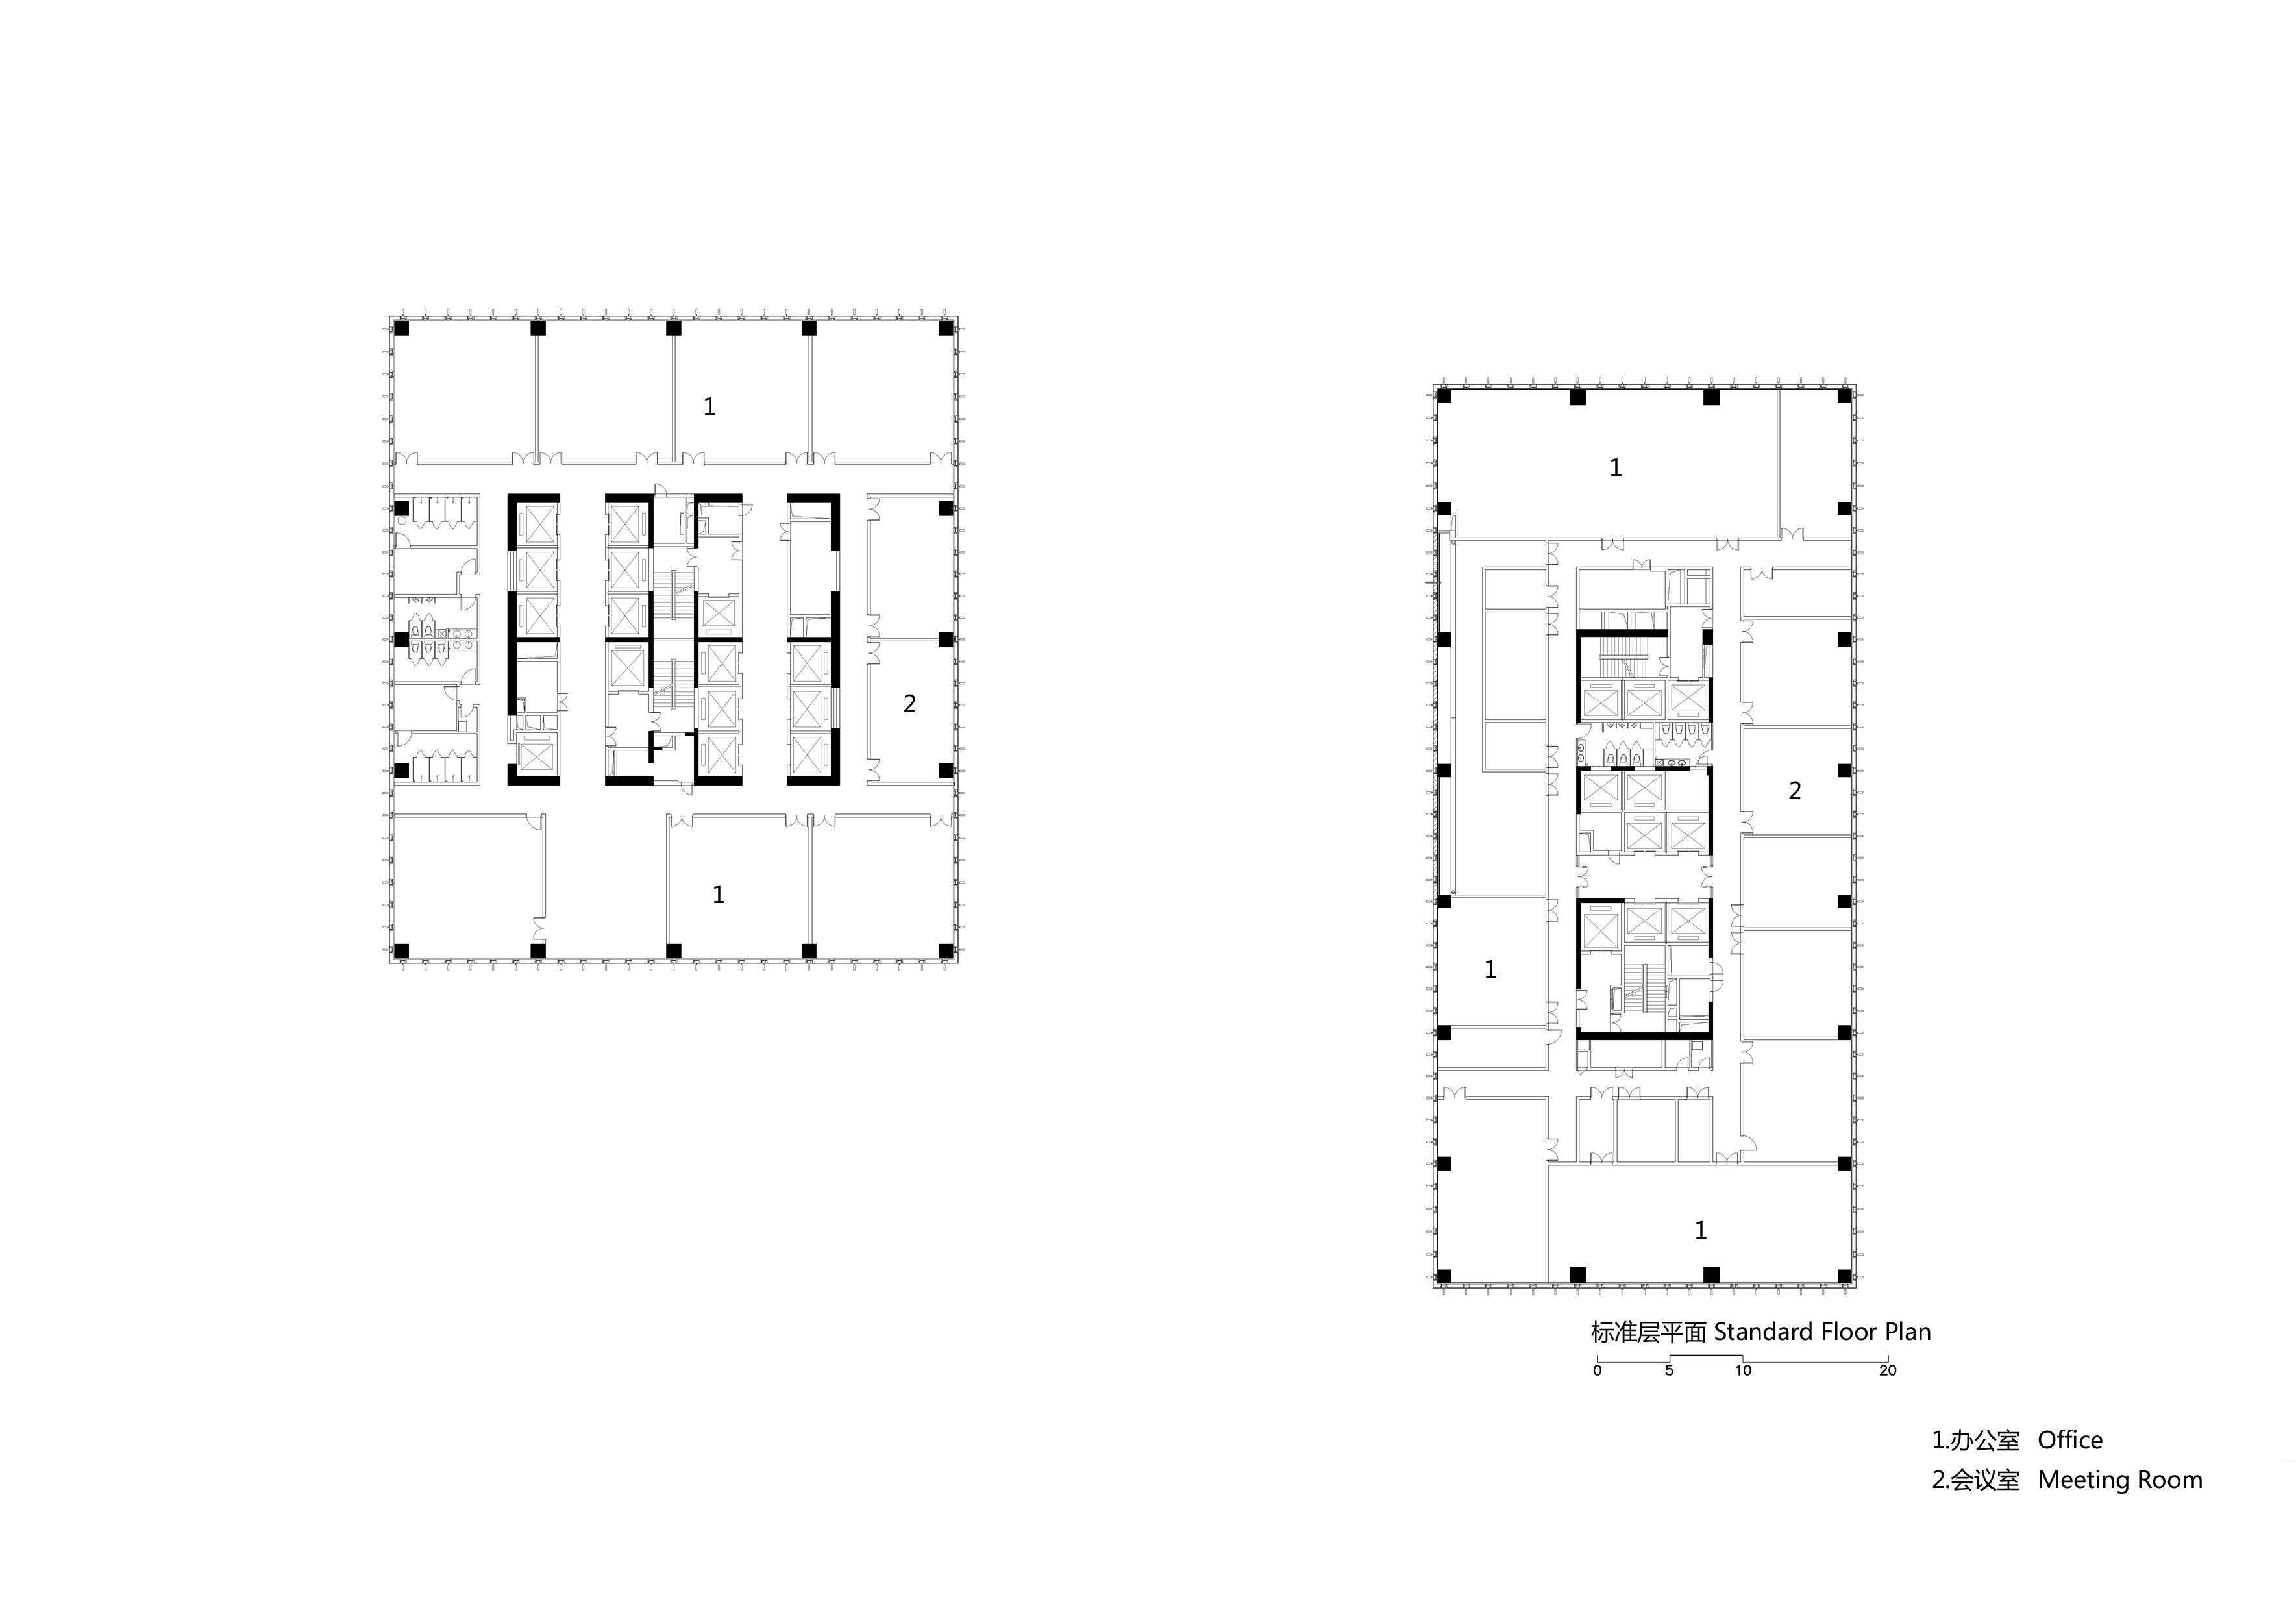 Plan of standard floor of tower Zhubo Design CO., LTD.}